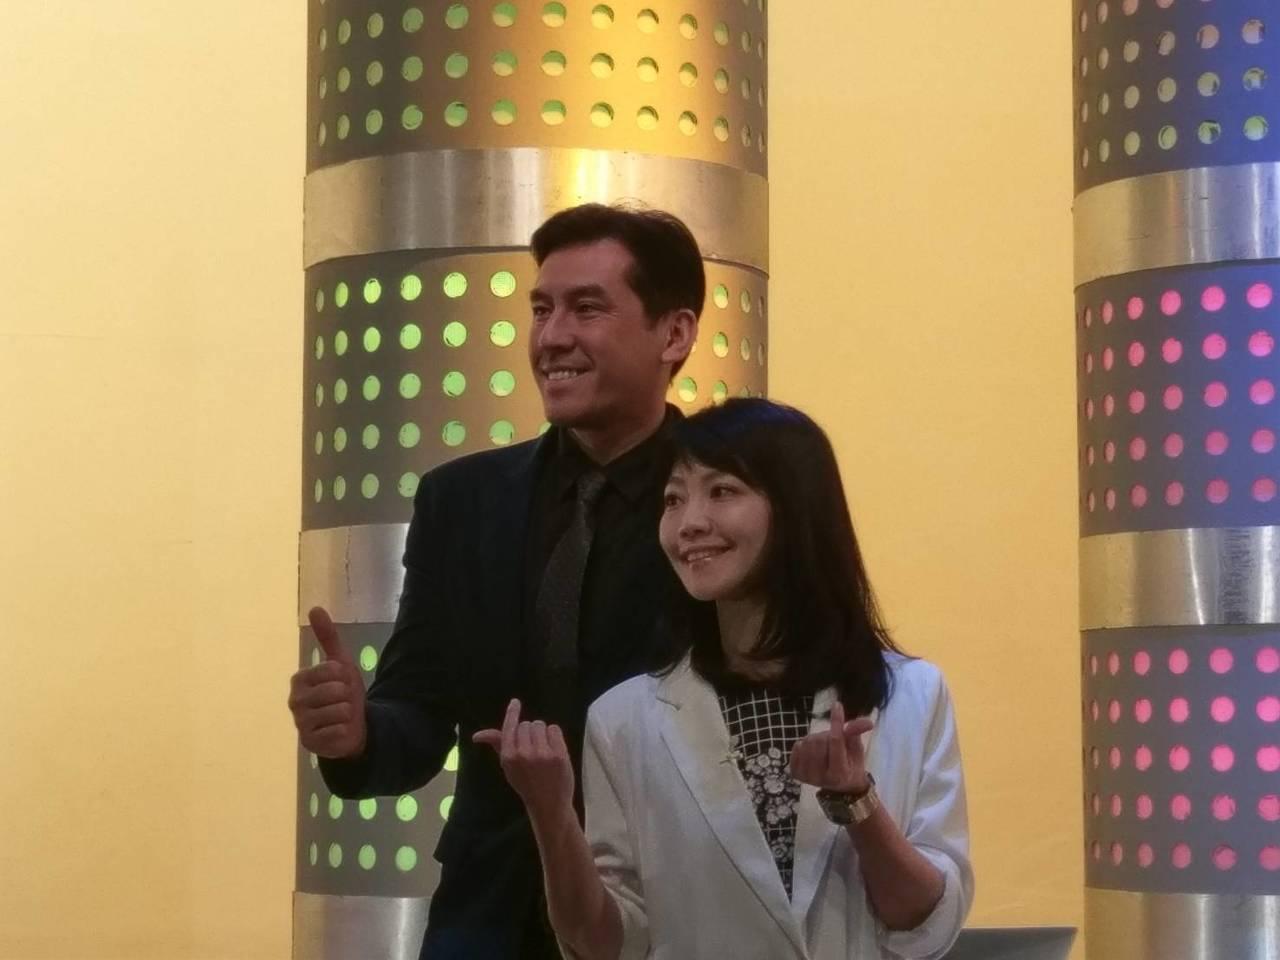 擁有高人氣的台北市議員高嘉瑜,因為「眼球運動」爆紅,還被網友戲稱是「被政治耽誤的...